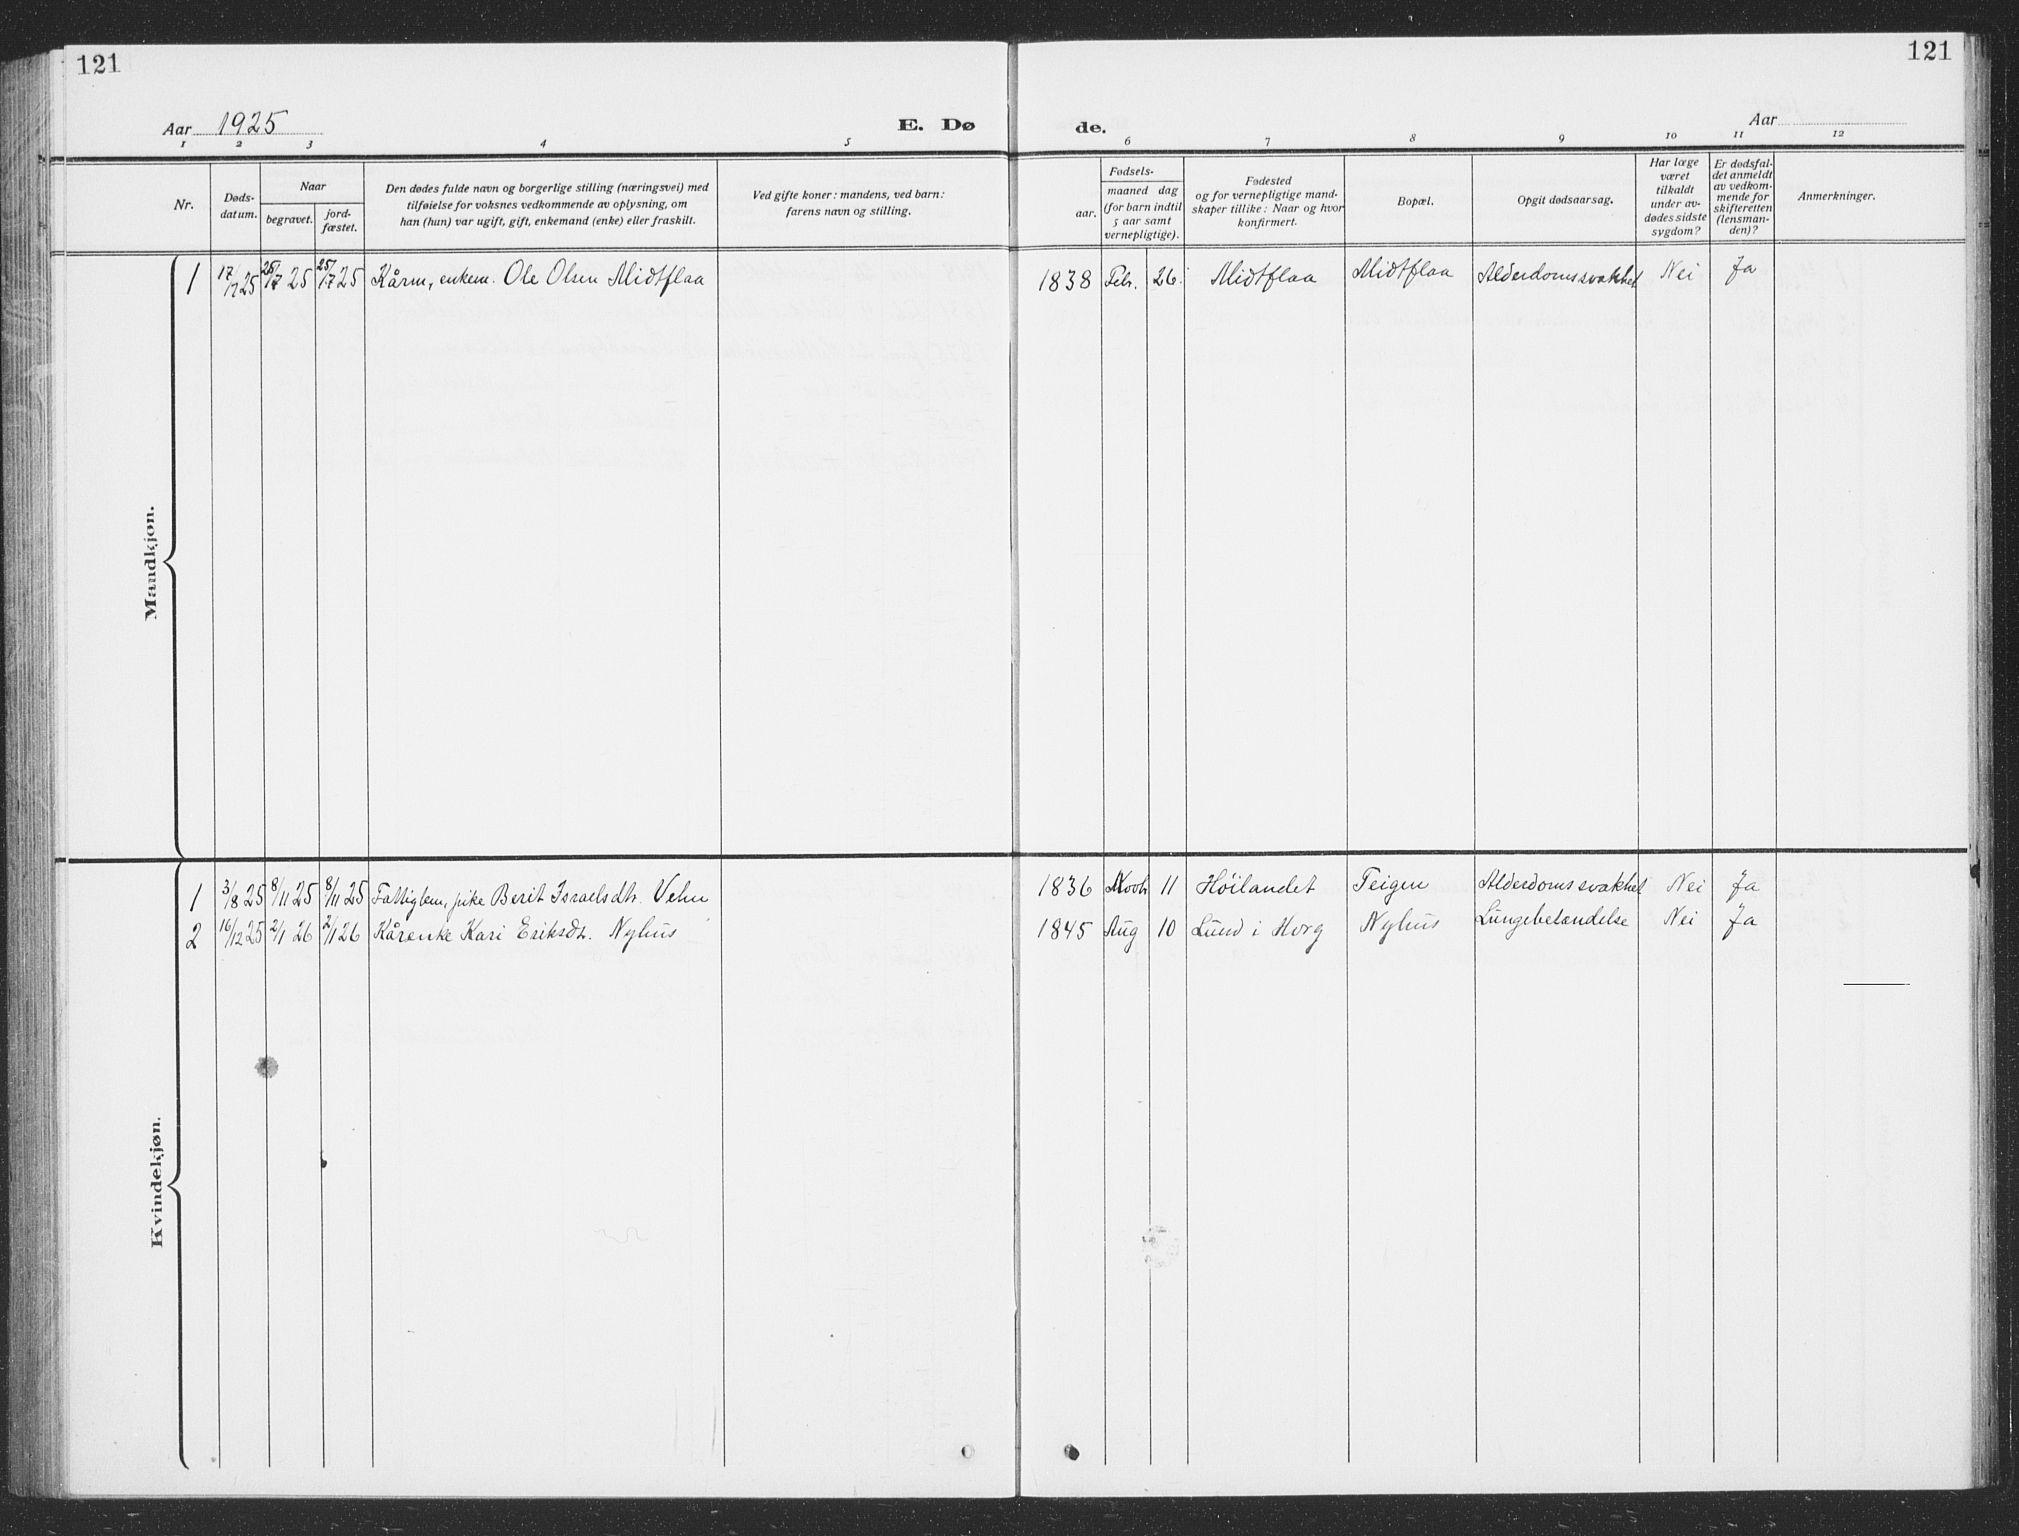 SAT, Ministerialprotokoller, klokkerbøker og fødselsregistre - Sør-Trøndelag, 693/L1124: Klokkerbok nr. 693C05, 1911-1941, s. 121